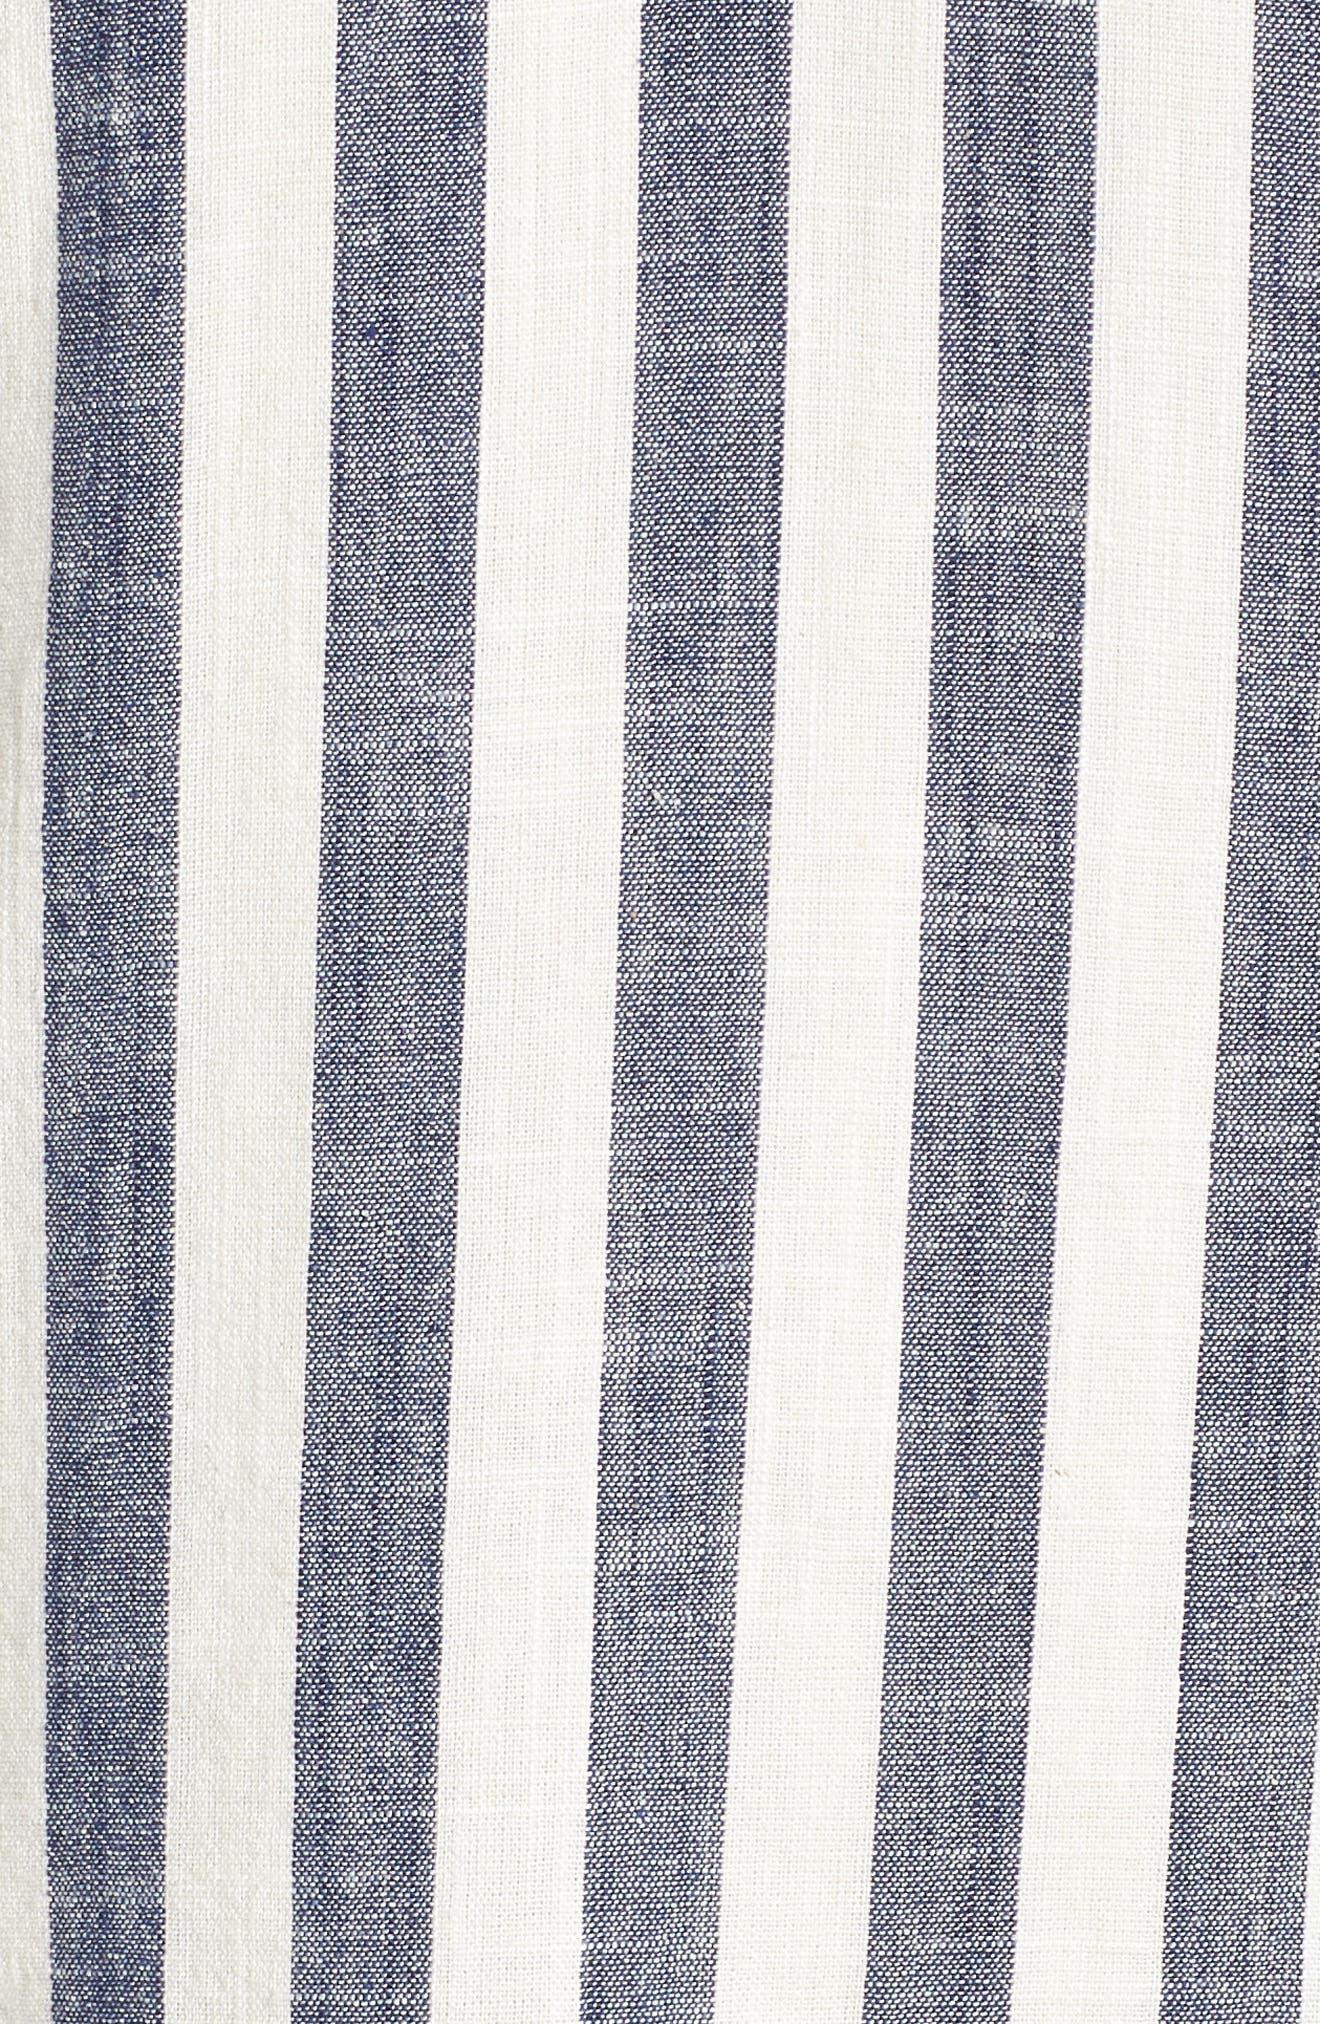 Ruffle Sleeve Shift Dress,                             Alternate thumbnail 6, color,                             400